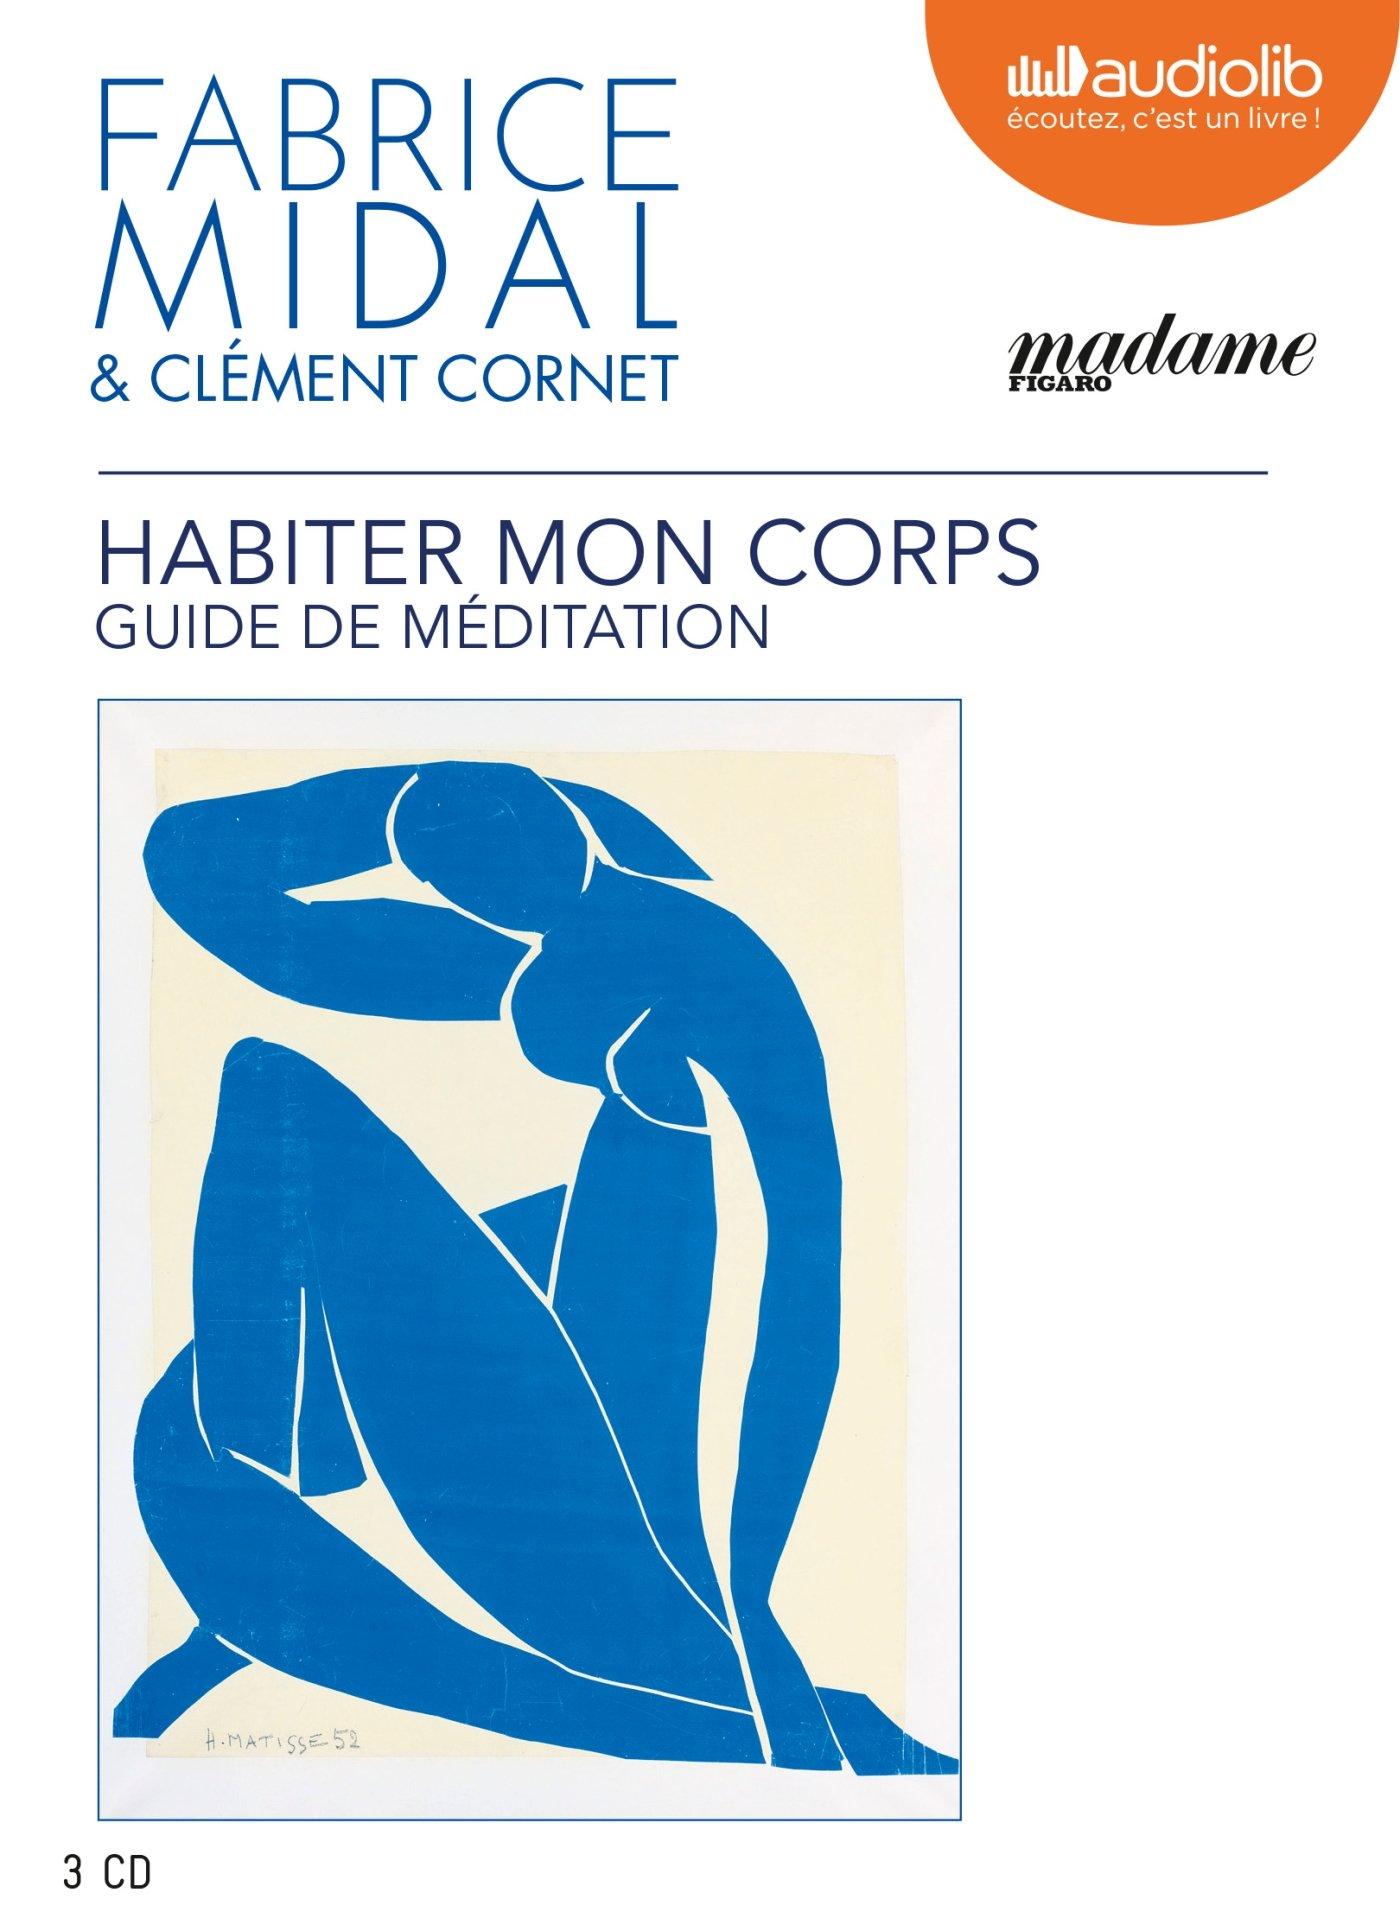 Habiter mon corps - Guide de méditation: Livre audio 3 CD audio: Amazon.fr:  Midal Fabrice: Livres